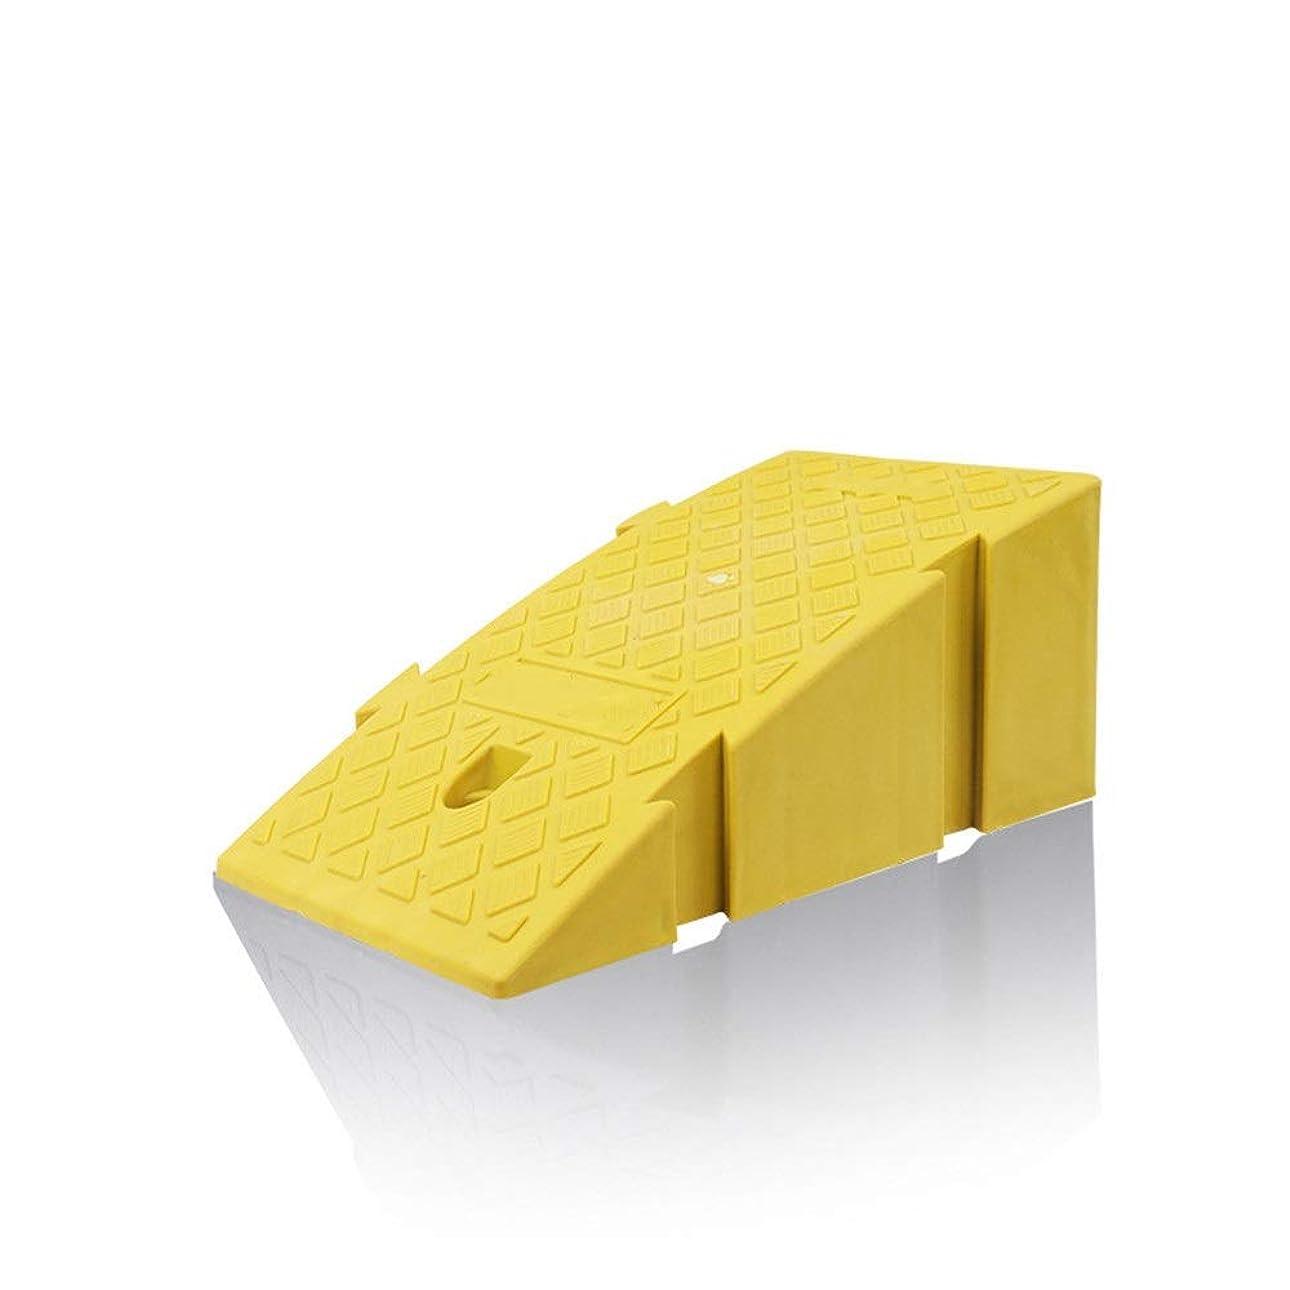 途方もないタック慣れる段差プレート スロープ ラバーRAMPの2個の駐車場のマットフレームプラスチック登坂パッドペダル肥厚パッドステップボードラダーフレームの三角形を増やします (色 : 黄, サイズ : 45x15x20cm)